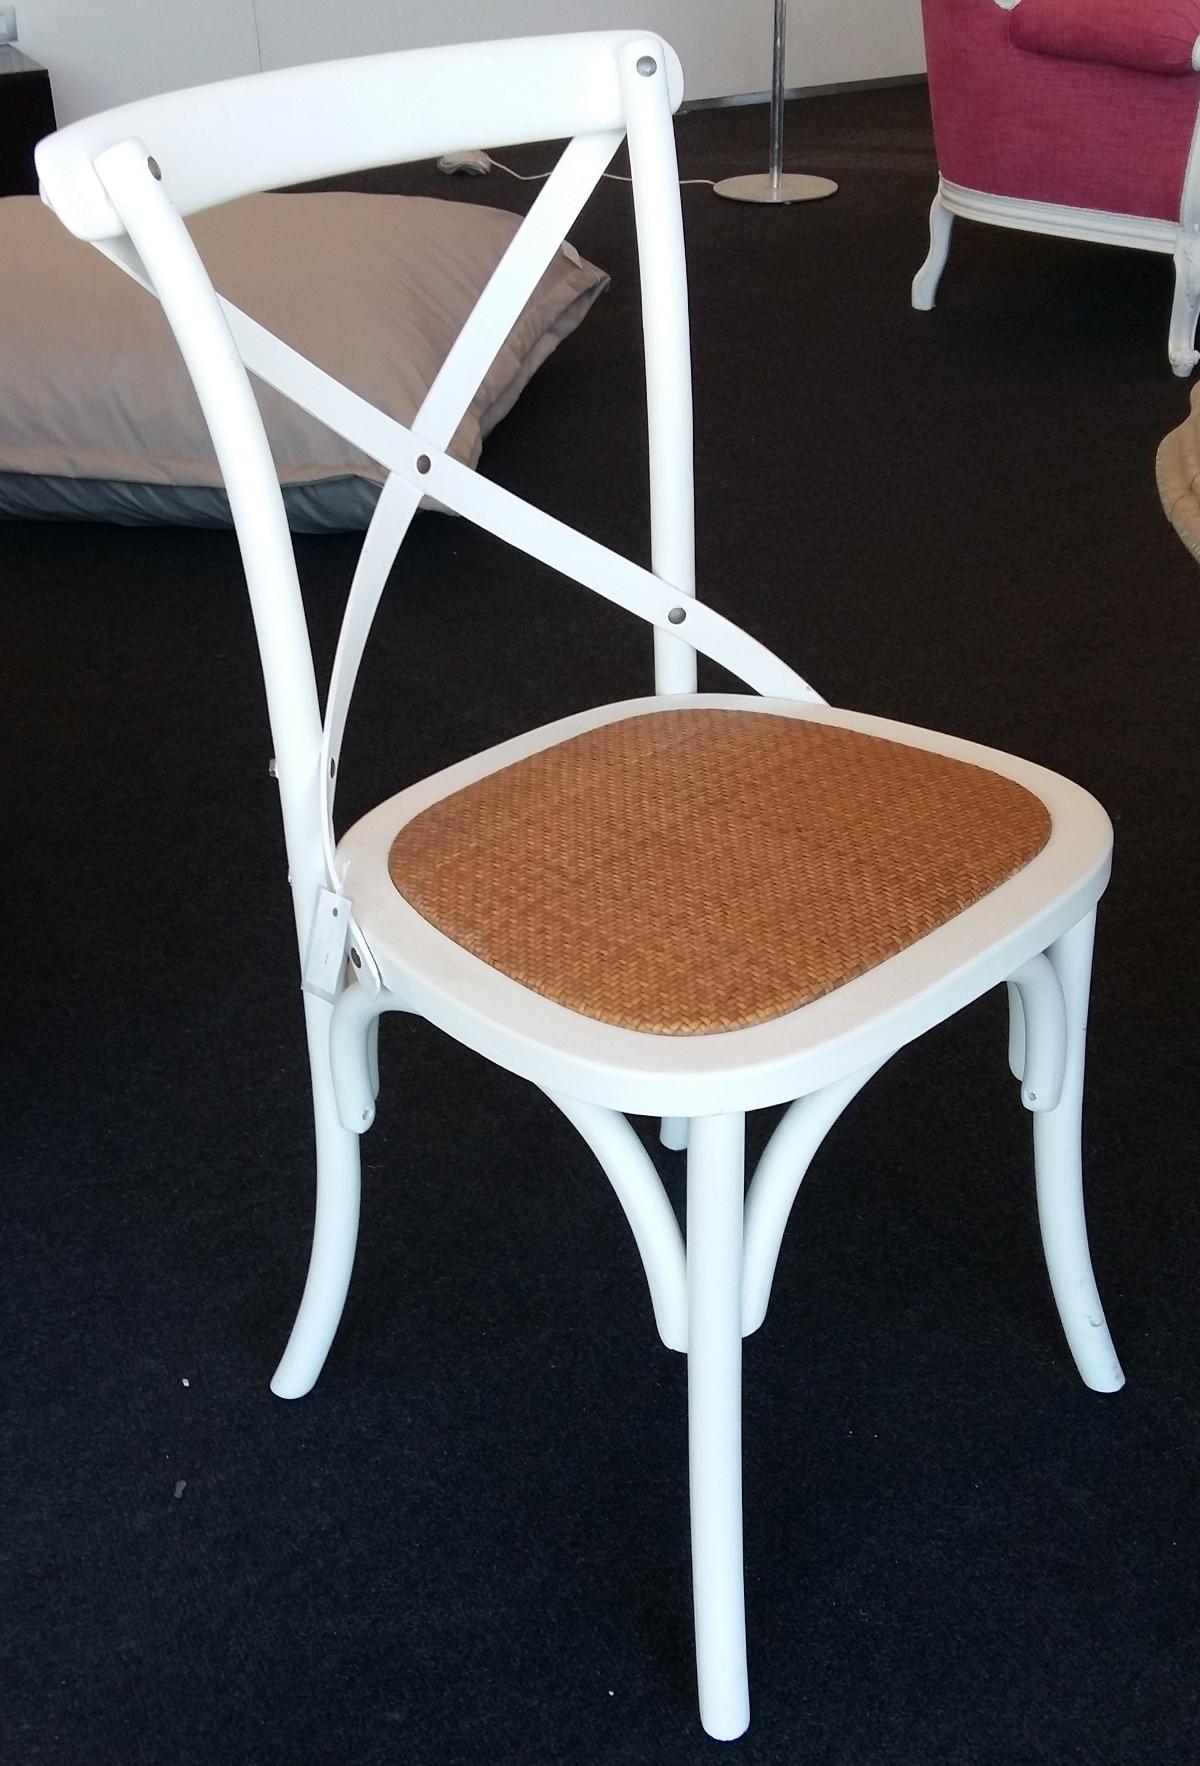 Dialma brown tavolo tavolo 4 sedie scontato del 50 for Mopar arredamenti